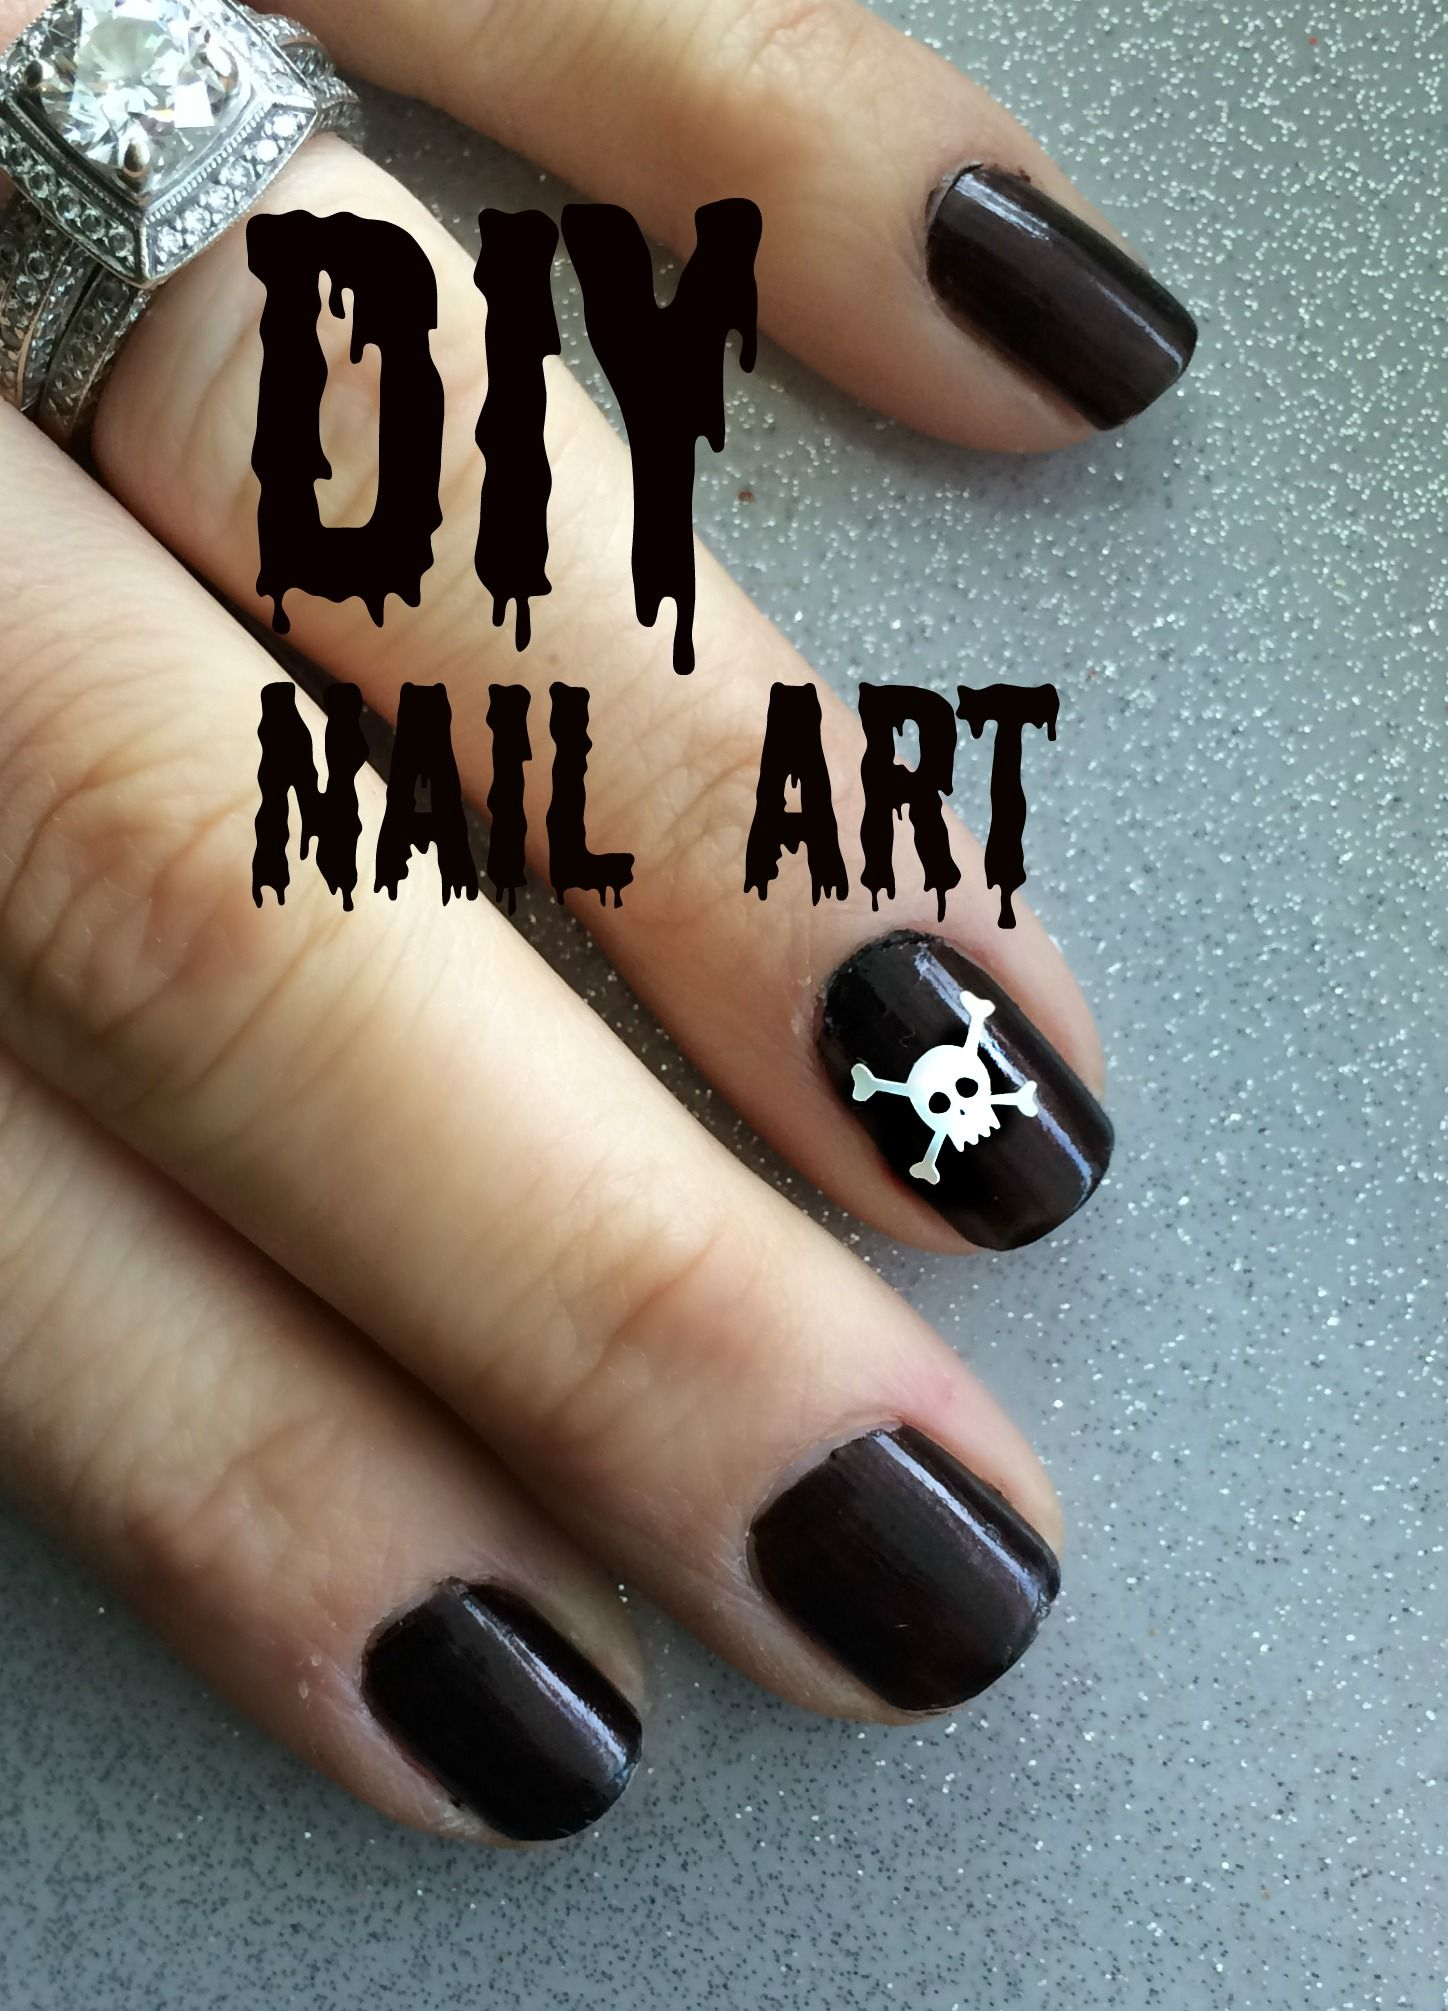 Diy nail art diy nails nail art diy nail decals diy